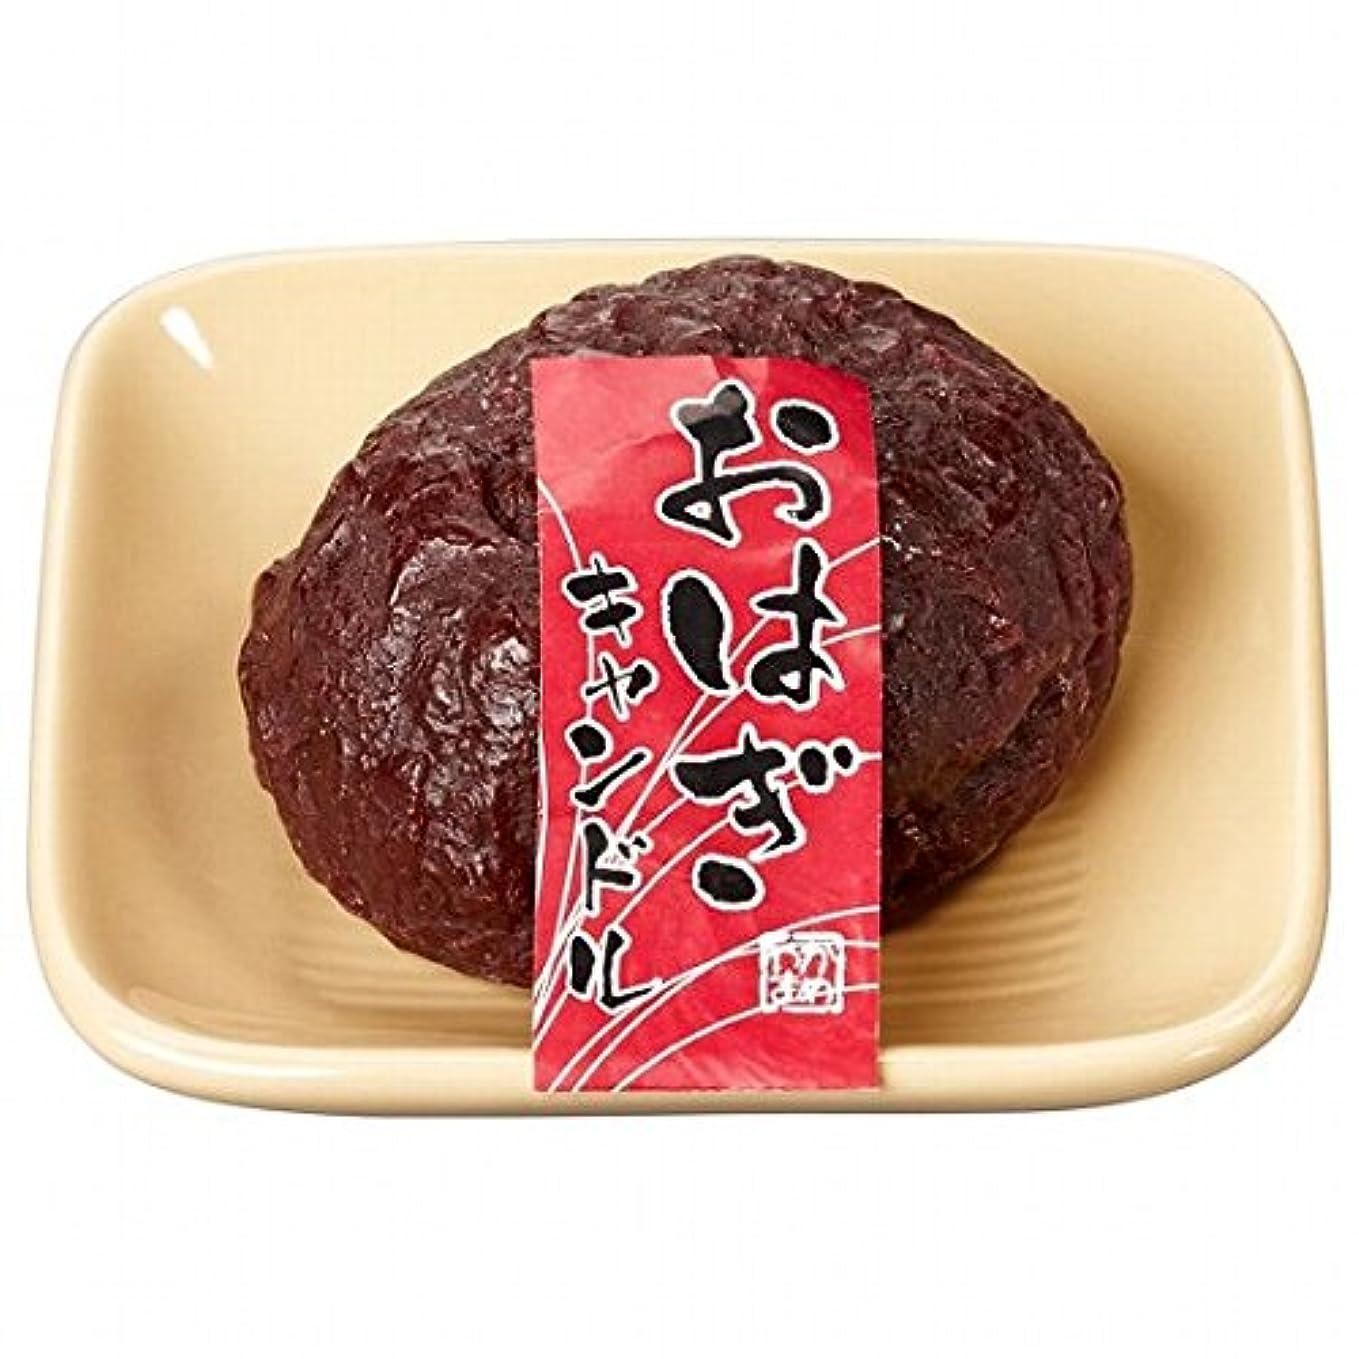 城小数物思いにふけるカメヤマキャンドル(kameyama candle) おはぎキャンドル